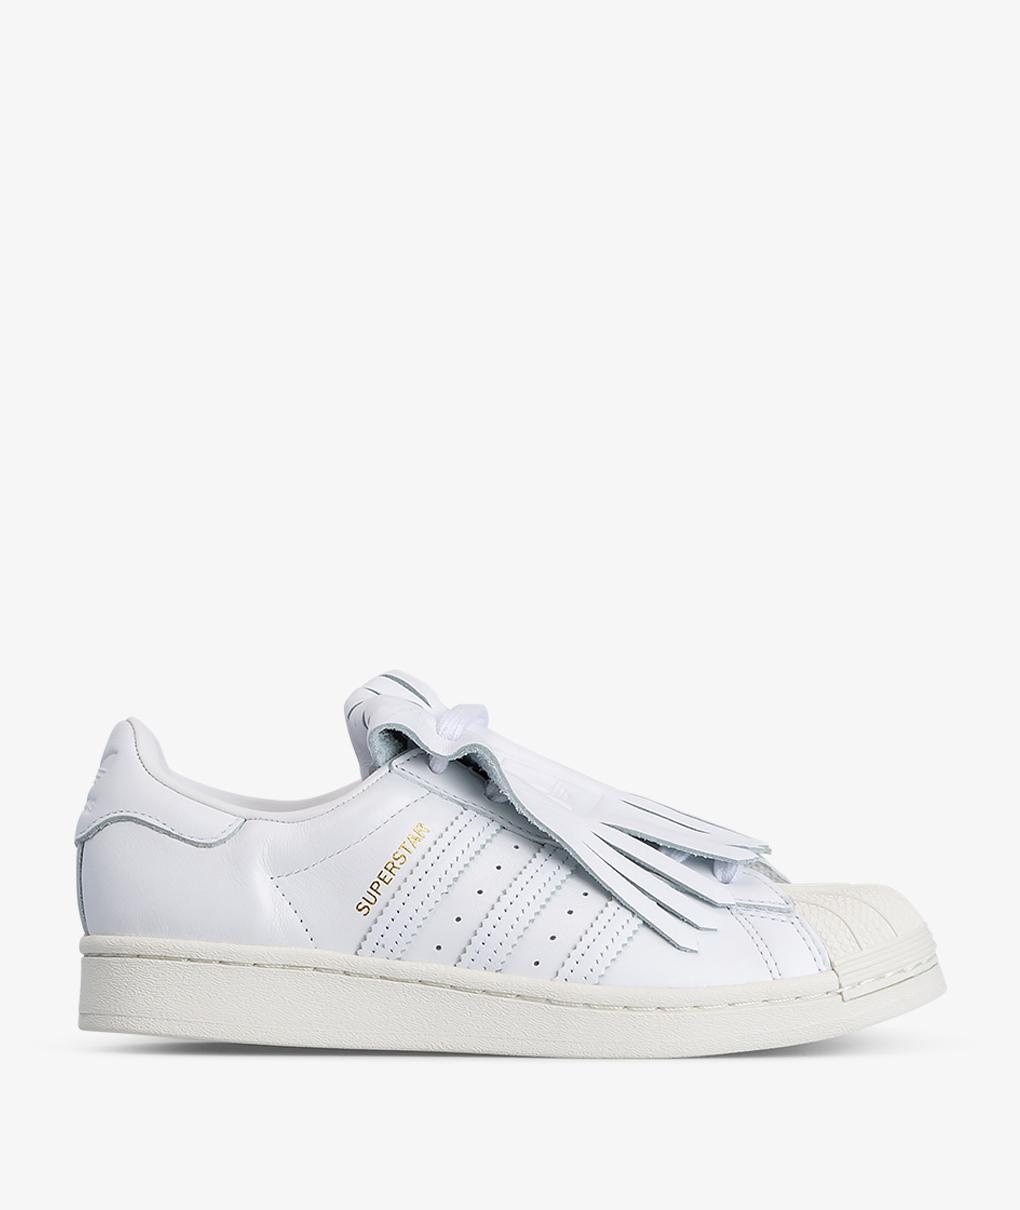 adidas shoes women superstar